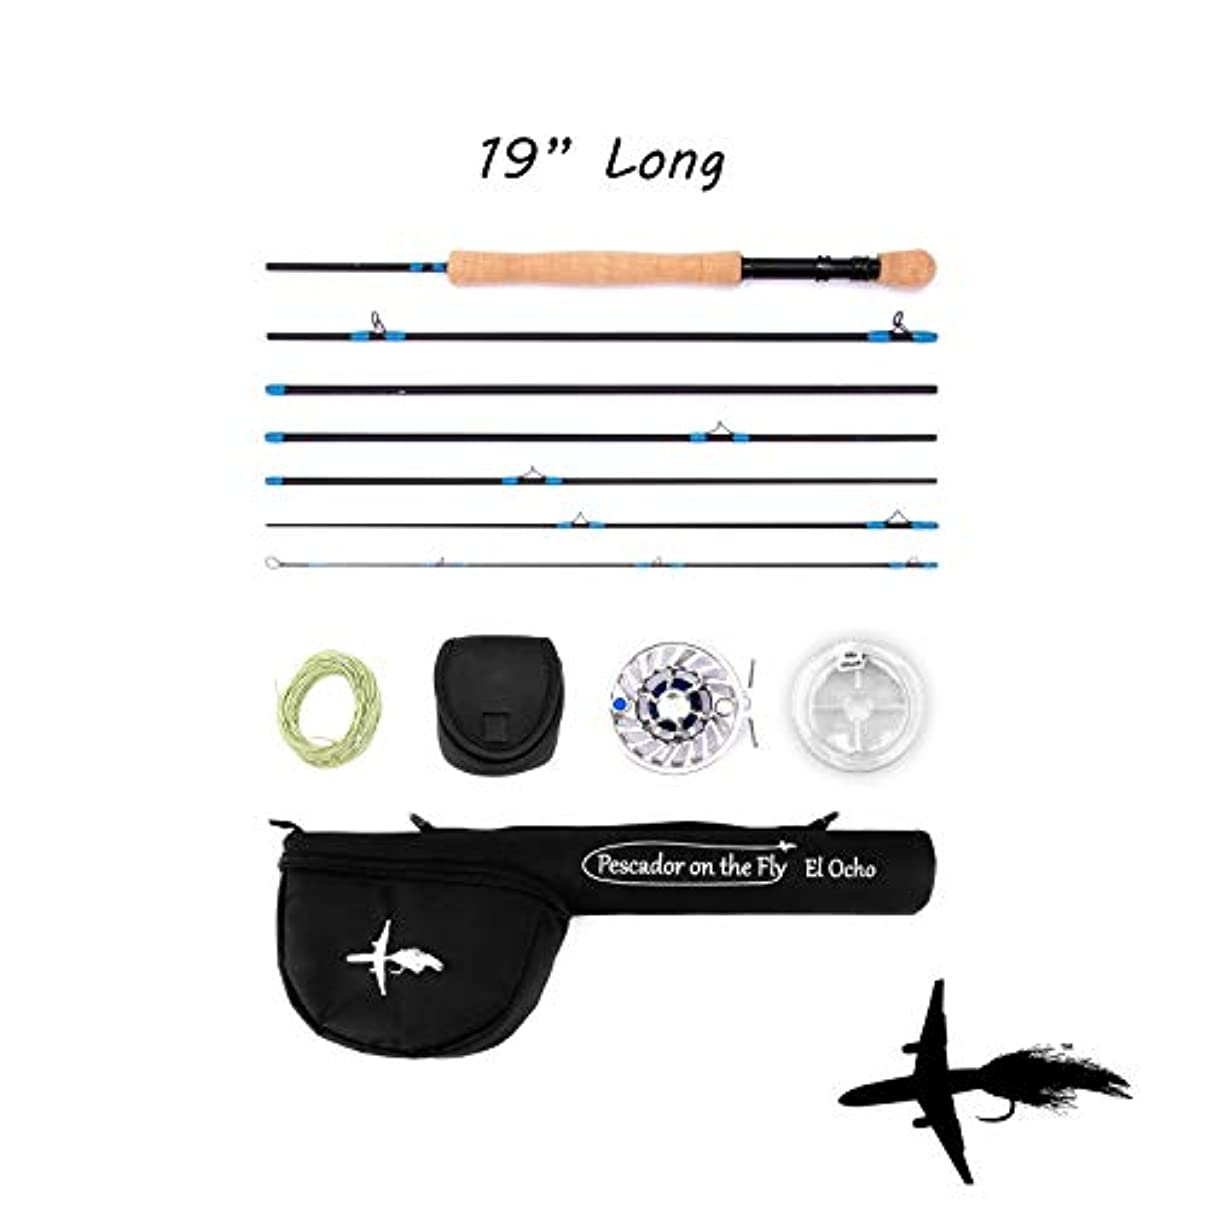 嬉しいです食欲とは異なりPescador on the Flyフライロッドとリールコンボ旅行、7ピース9足フライロッド、High Endリールの滑らかなドラッグ、Awesome 19.5インチケース。フライラインとBacking含ま。Must Have Flyfishingのアイテム2018。